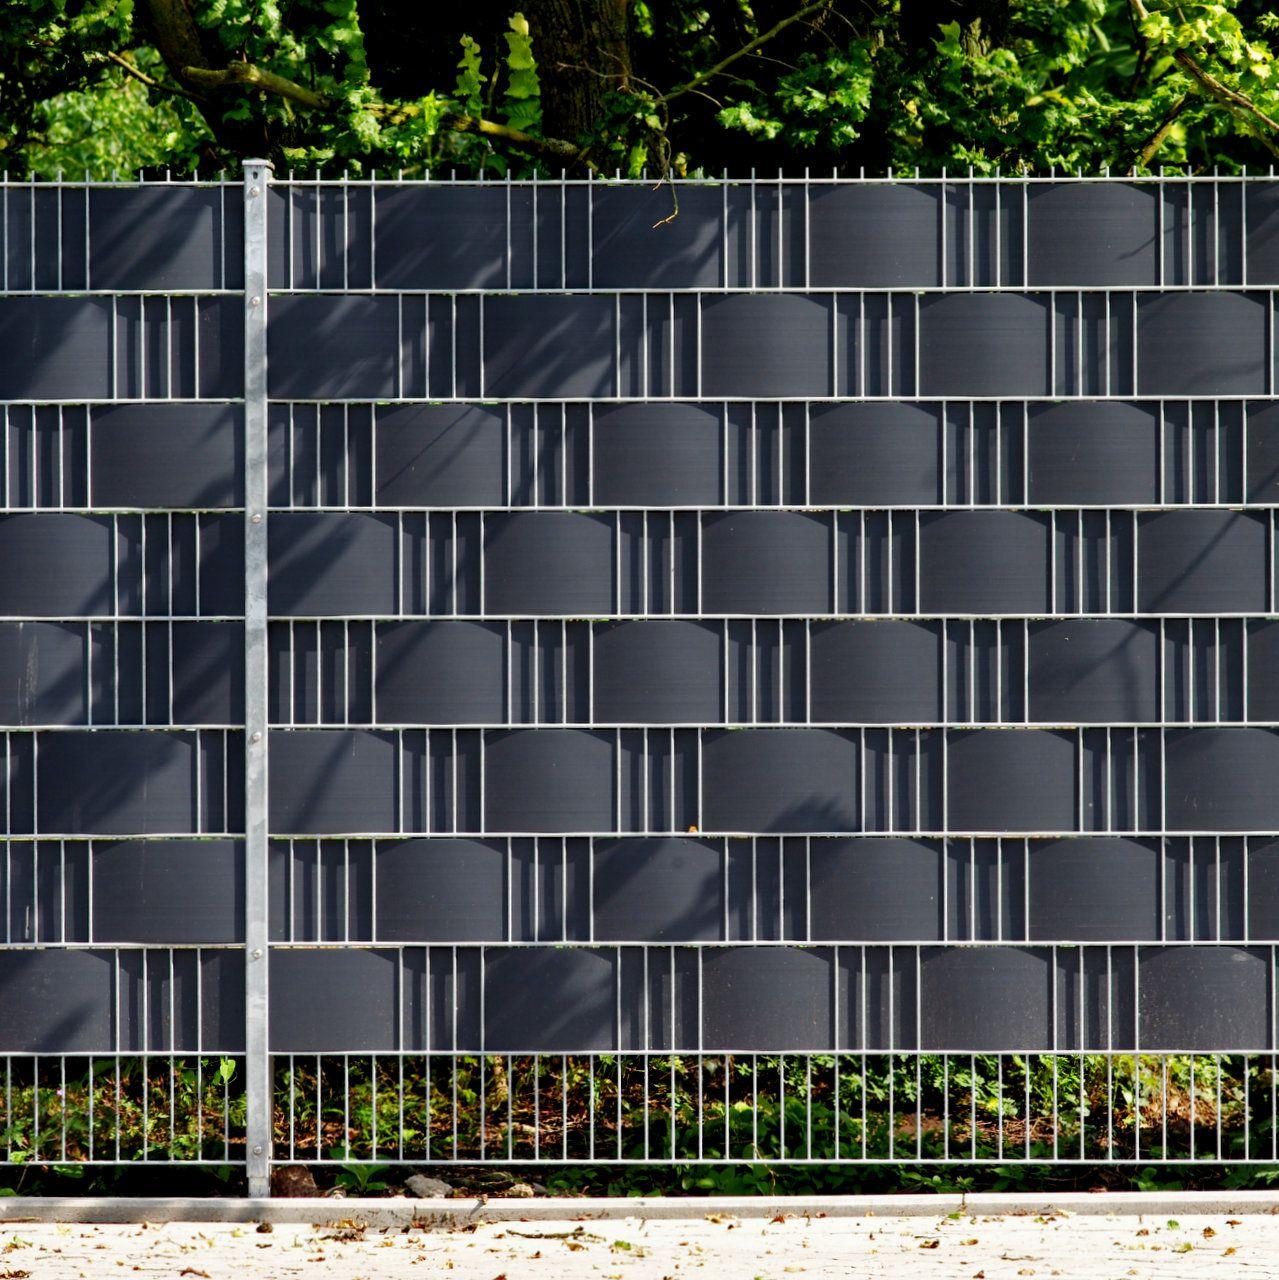 Neu Sichtschutz am Zaun - sofort blickdicht UE01